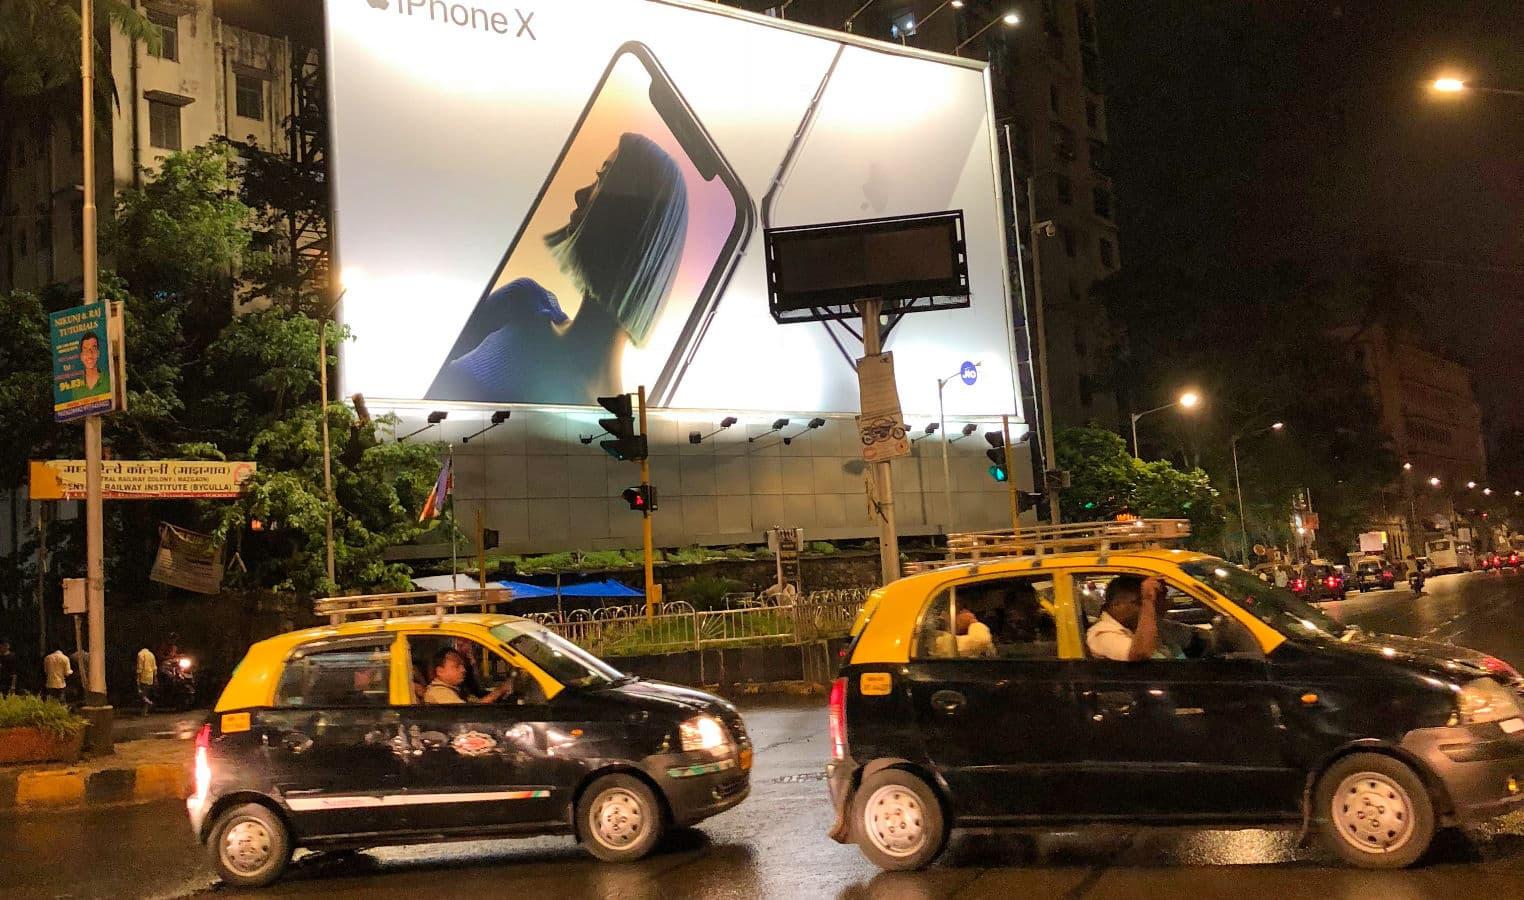 Publicité pour l'iPhone X à Mumbai, Inde